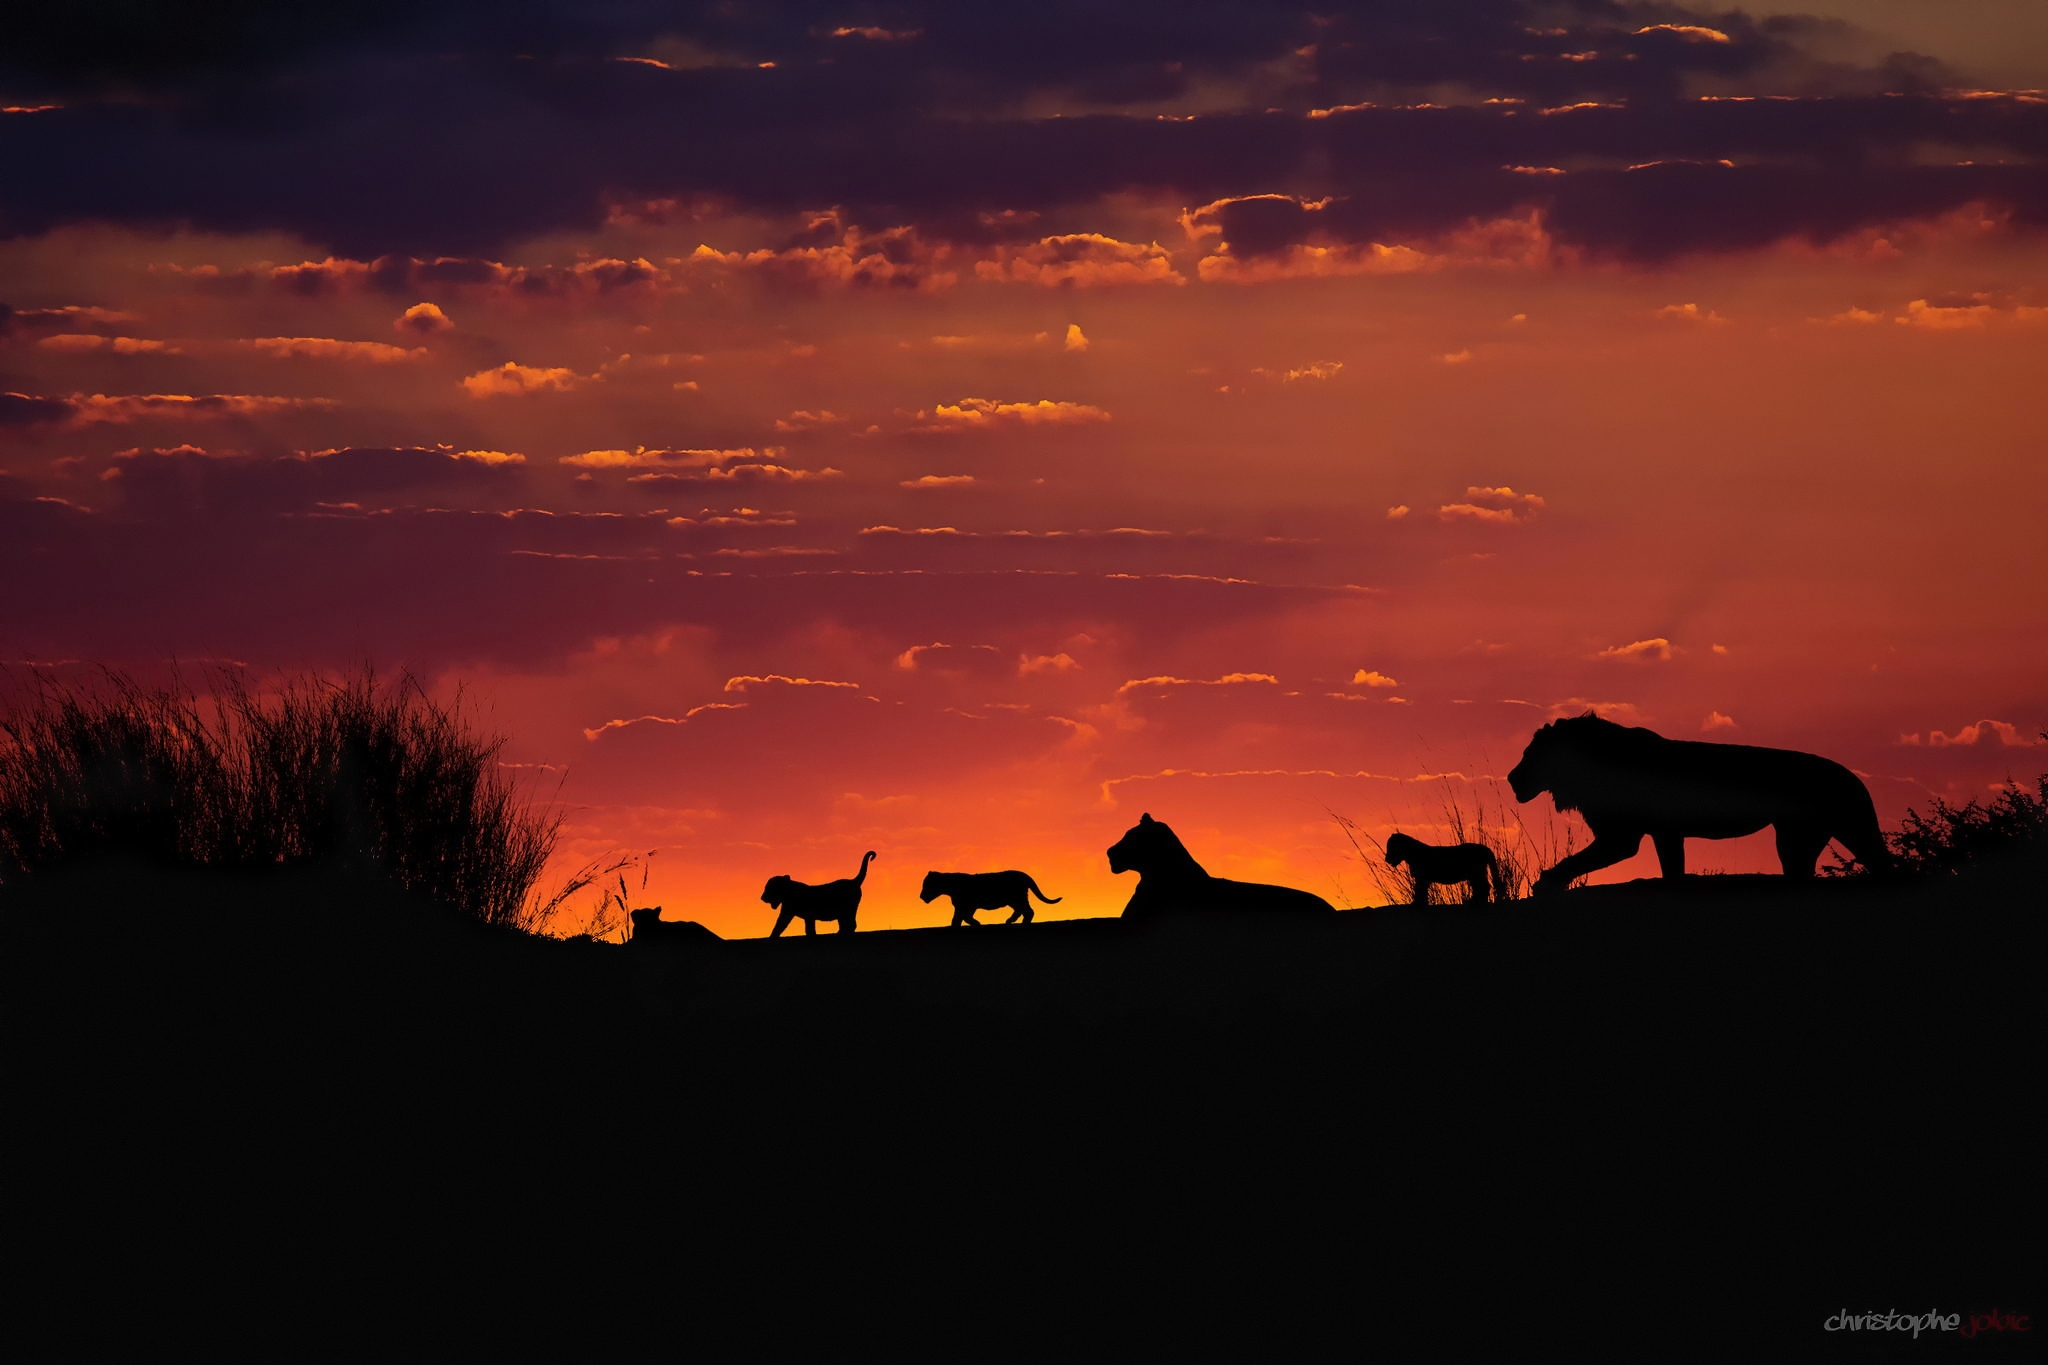 лев на закате скачать